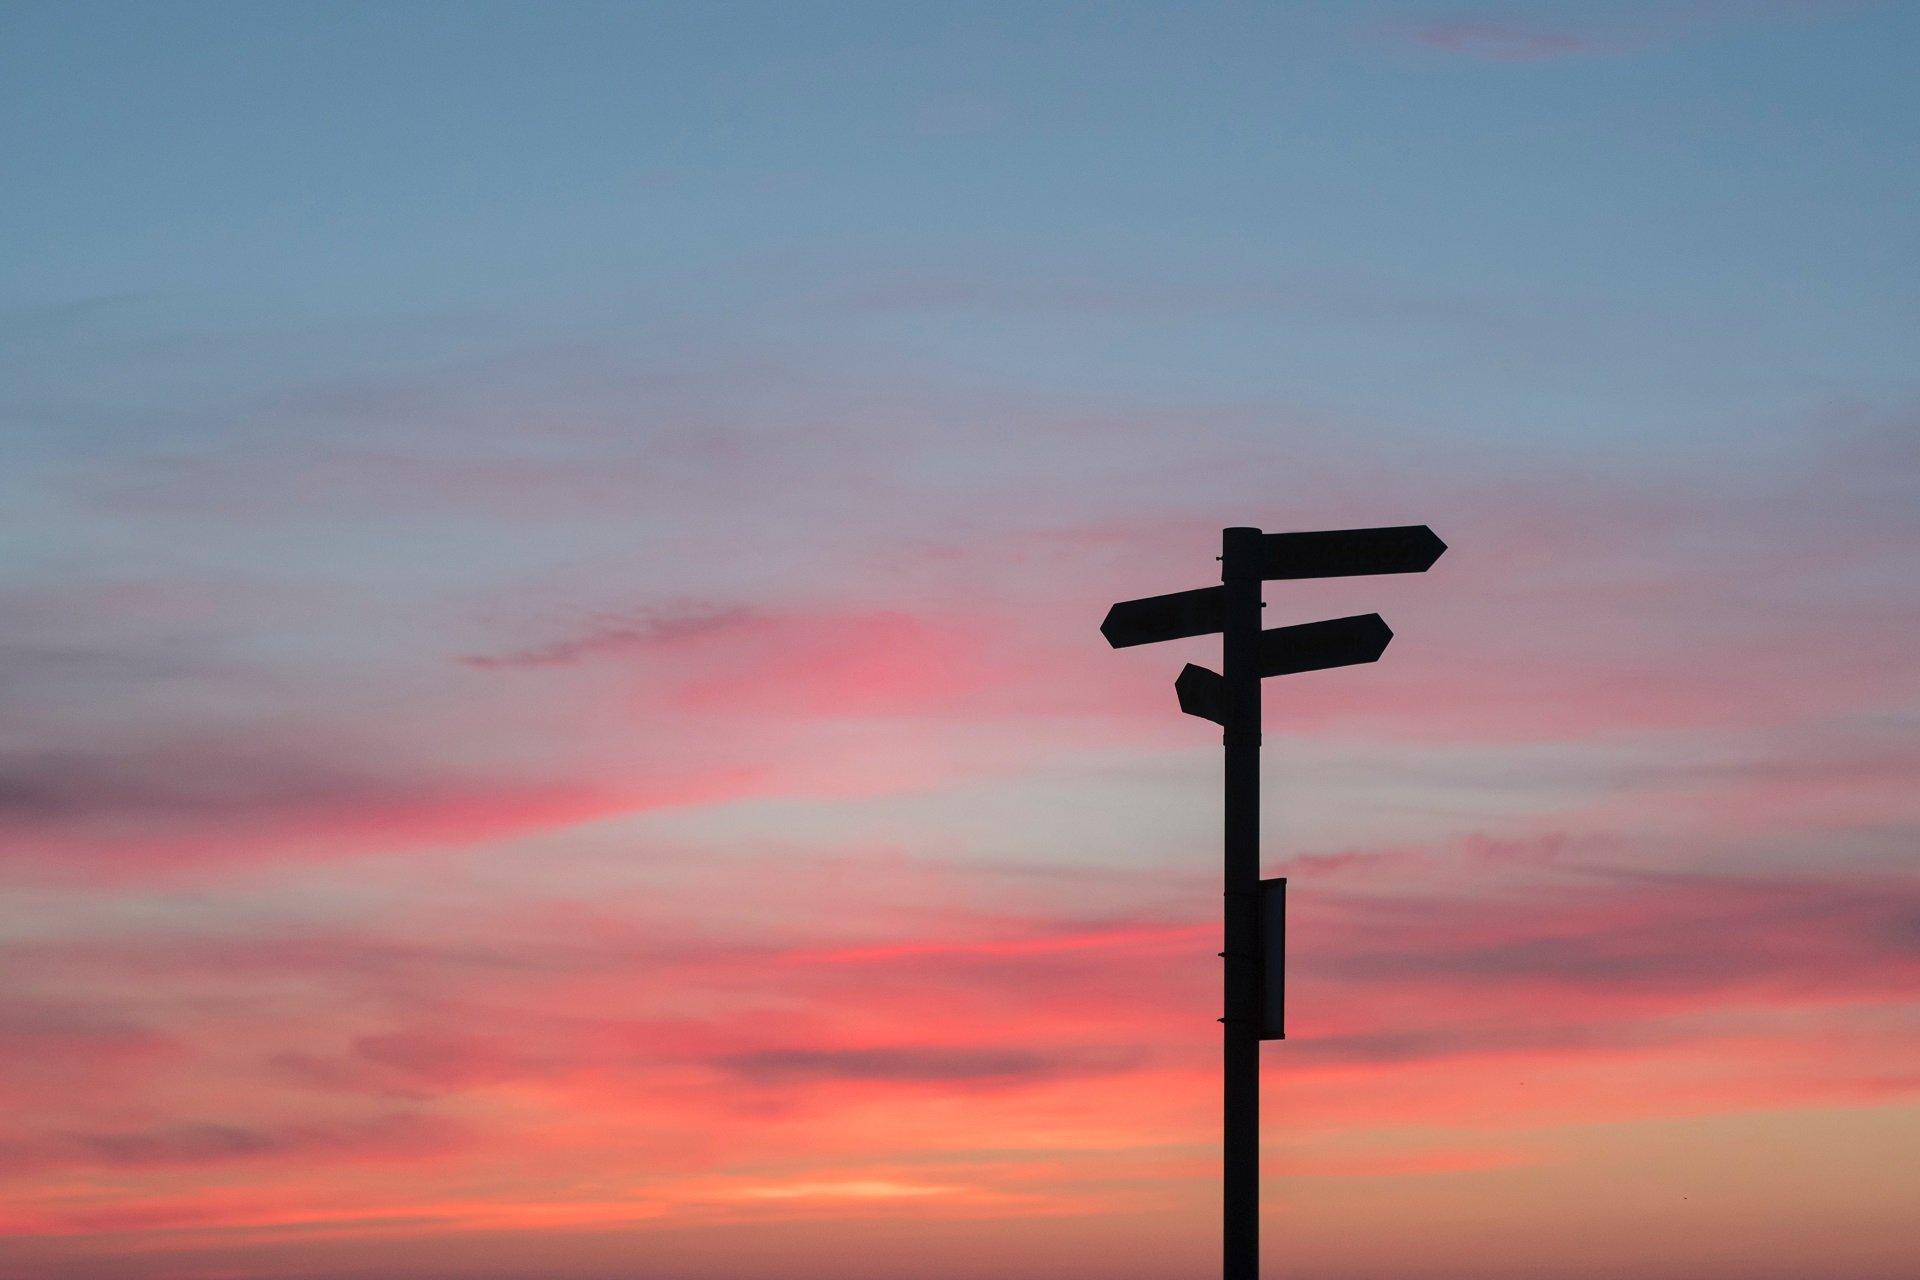 Ein Schild mit Wegweisern im Sonnenuntergang.